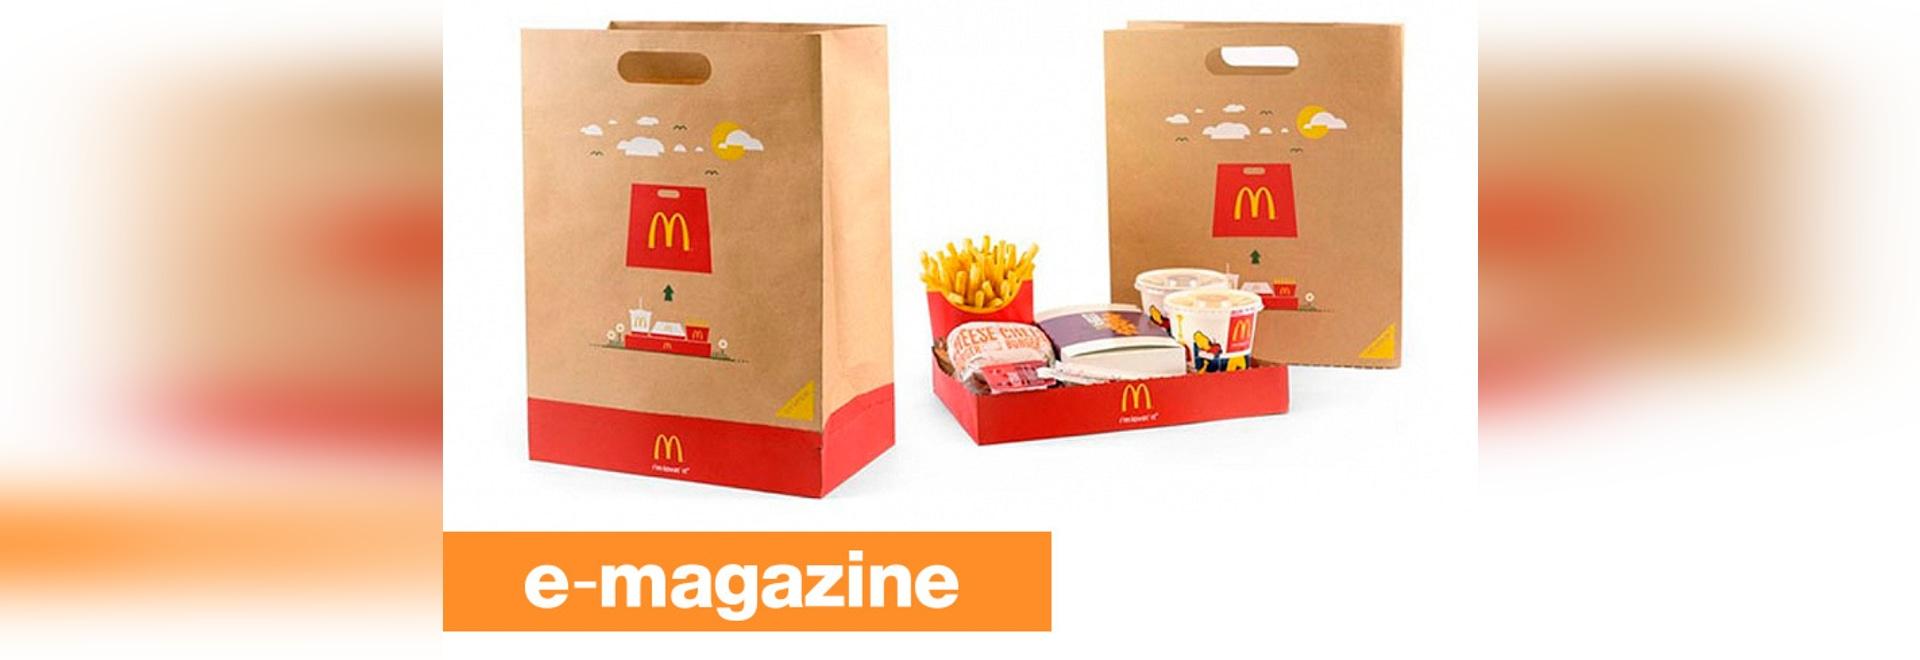 McDonald BagTray: Die zum Mitnehmen Tasche, die ein Behälter wird